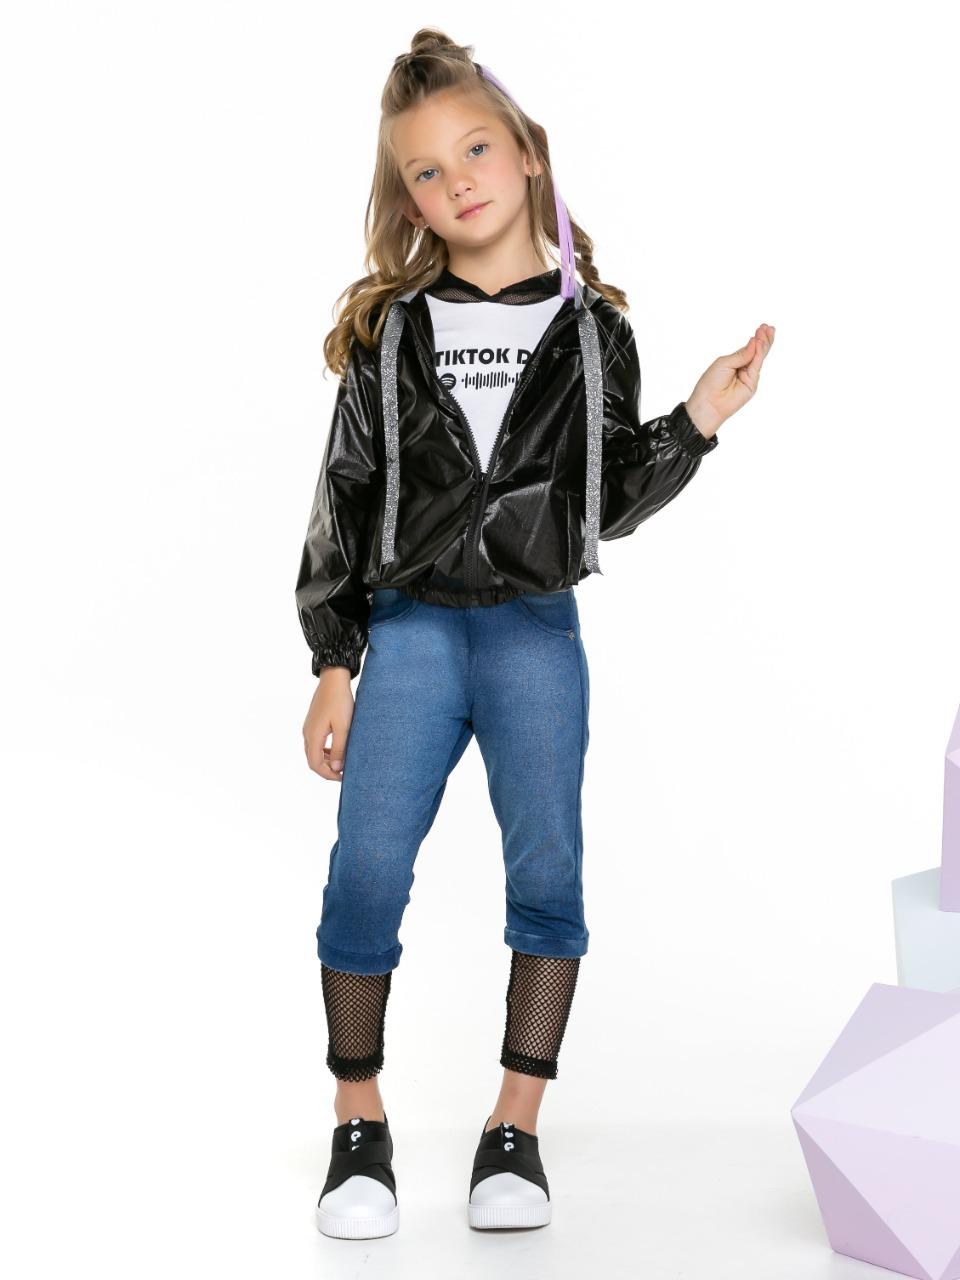 Calça Jeans Confort com detalhes em tela